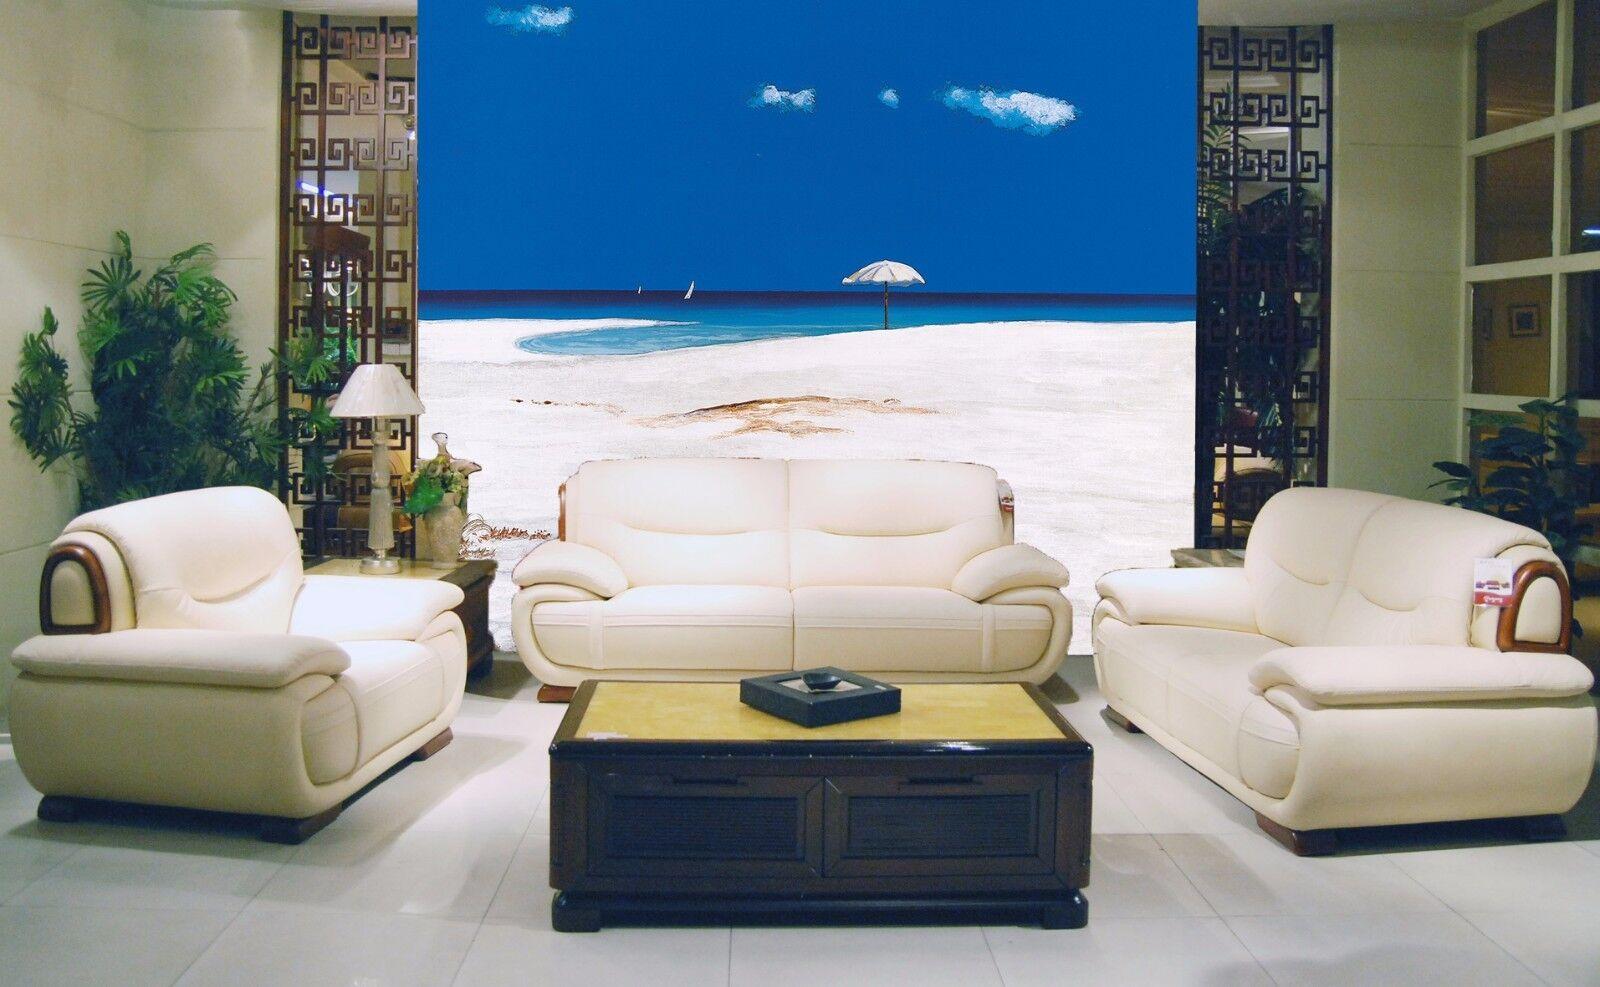 3D Blauer Himmel Strand 743 Tapete Tapete Tapete Wandgemälde Tapete Tapeten Bild Familie DE  | Elegante Form  | Glücklicher Startpunkt  | Zu einem erschwinglichen Preis  29afa2